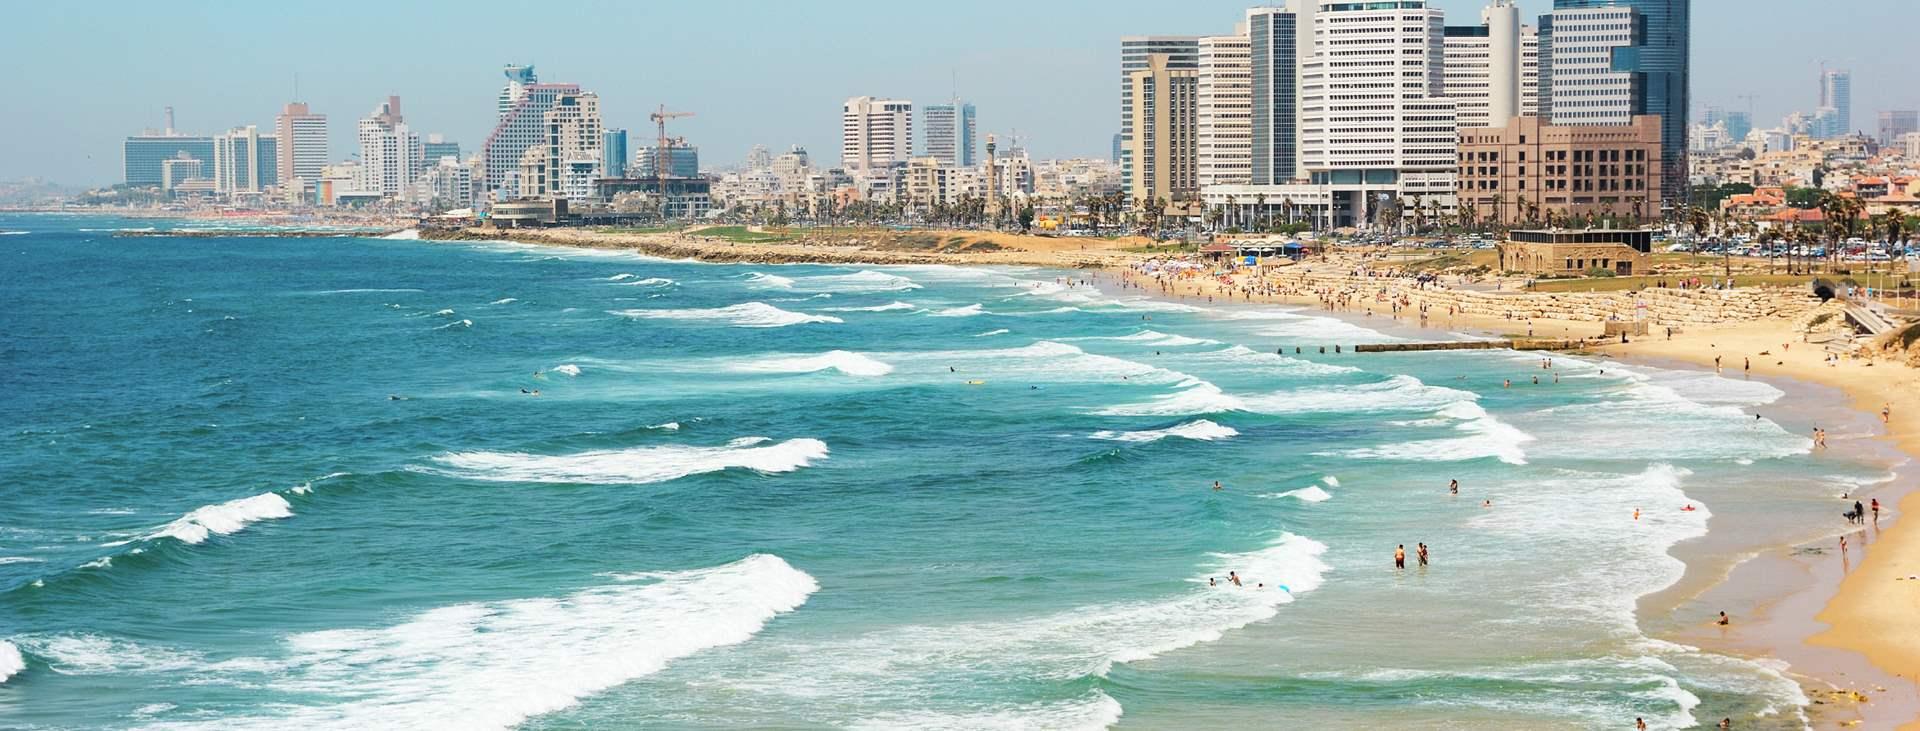 Boka en resa till Tel Aviv i Israel med Ving